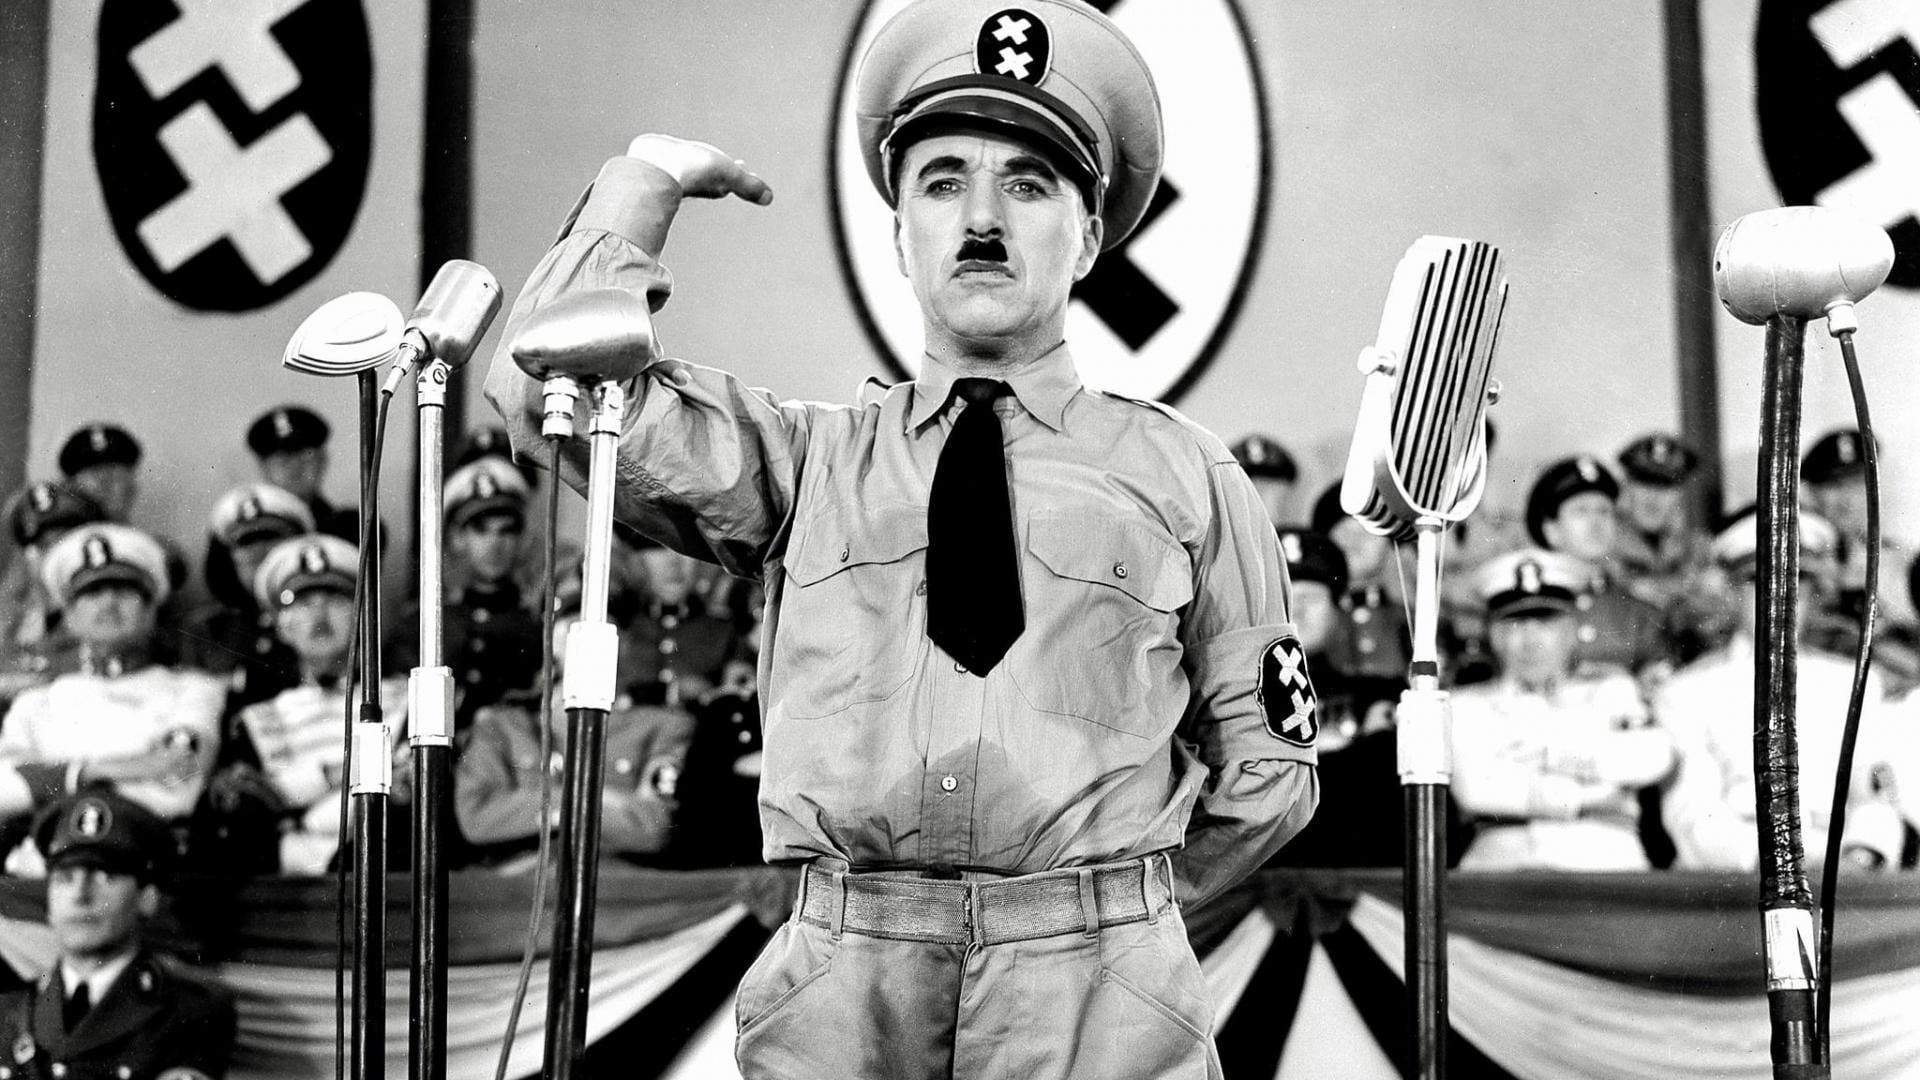 Nie, tonieja - toCharlie Chaplin :-)